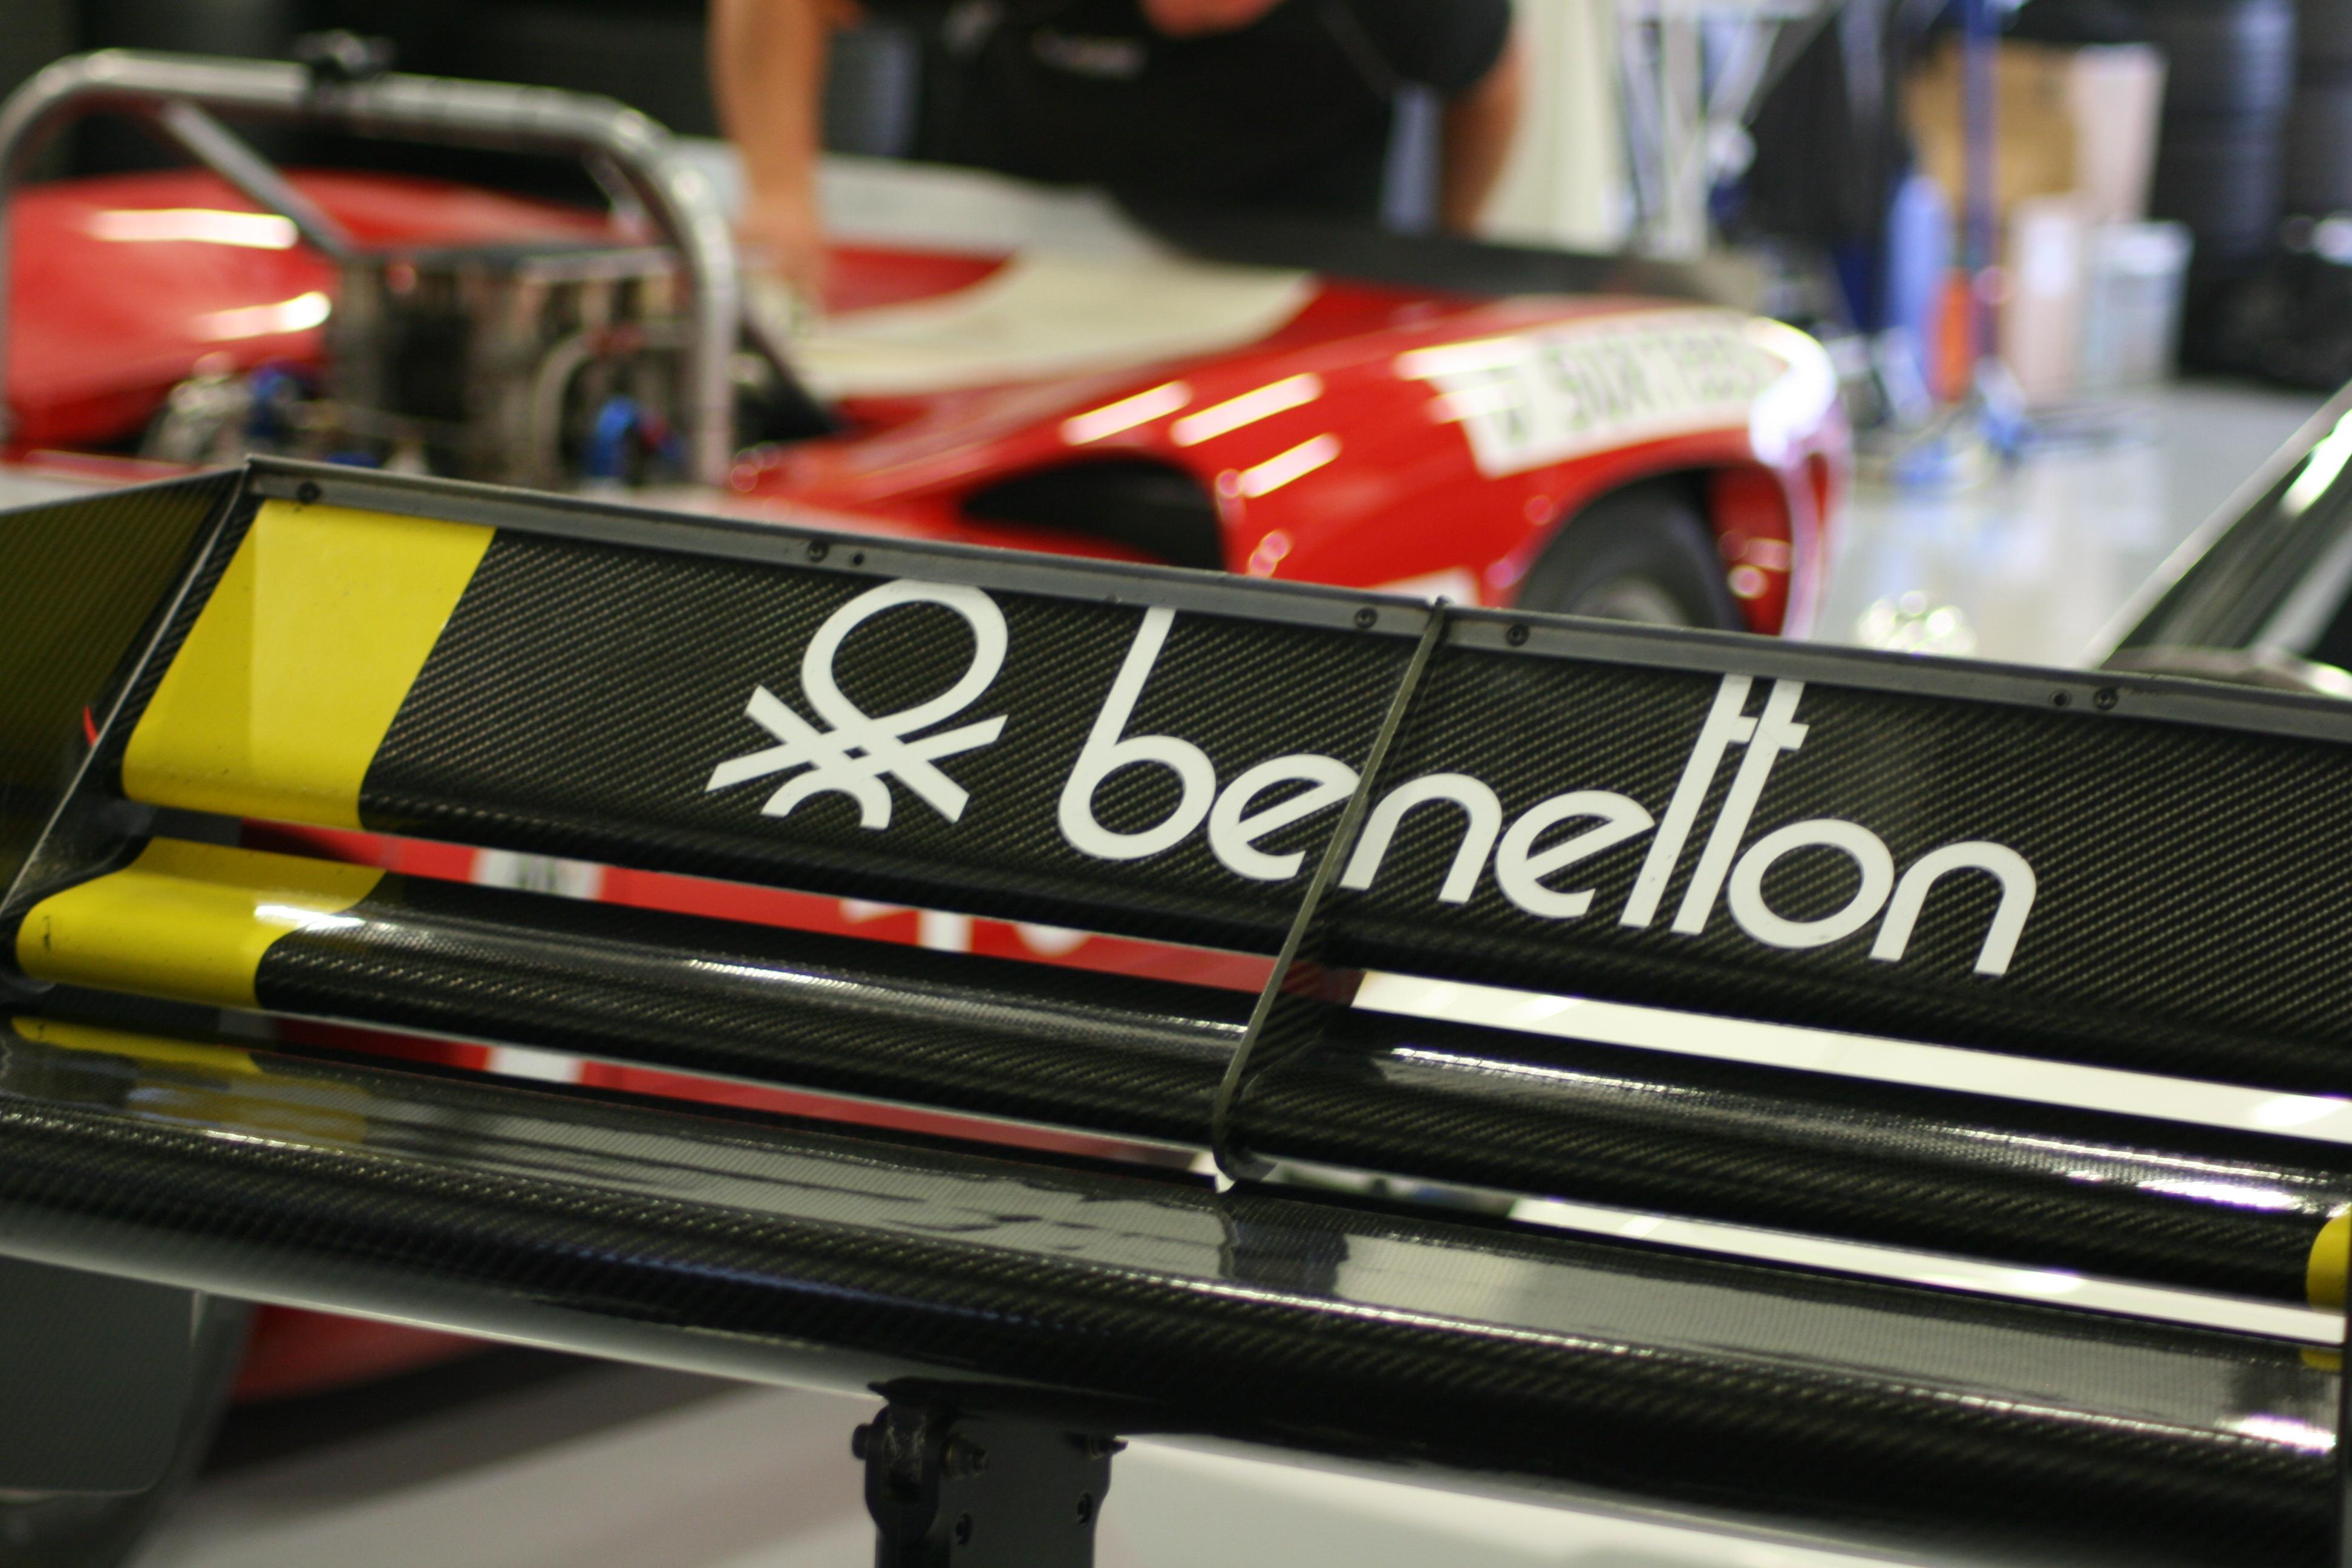 Ian Simmonds' Tyrrell 012